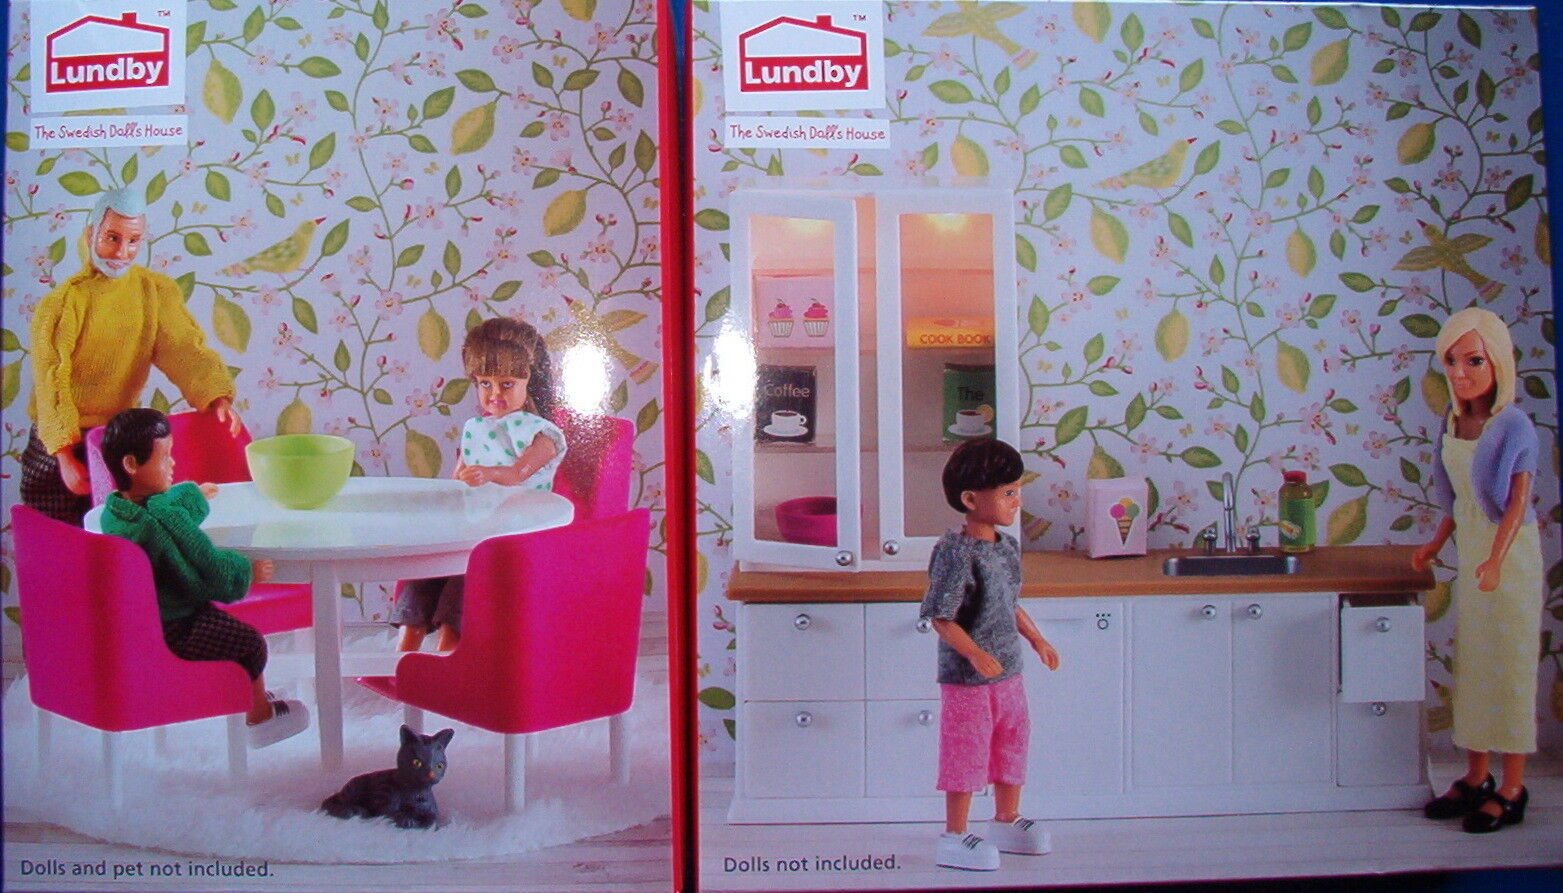 Küchenmöbel mit Spüle Puppenhaus und Zubehör und Eßzimmer Puppenhaus Spüle Lundby 63fb05